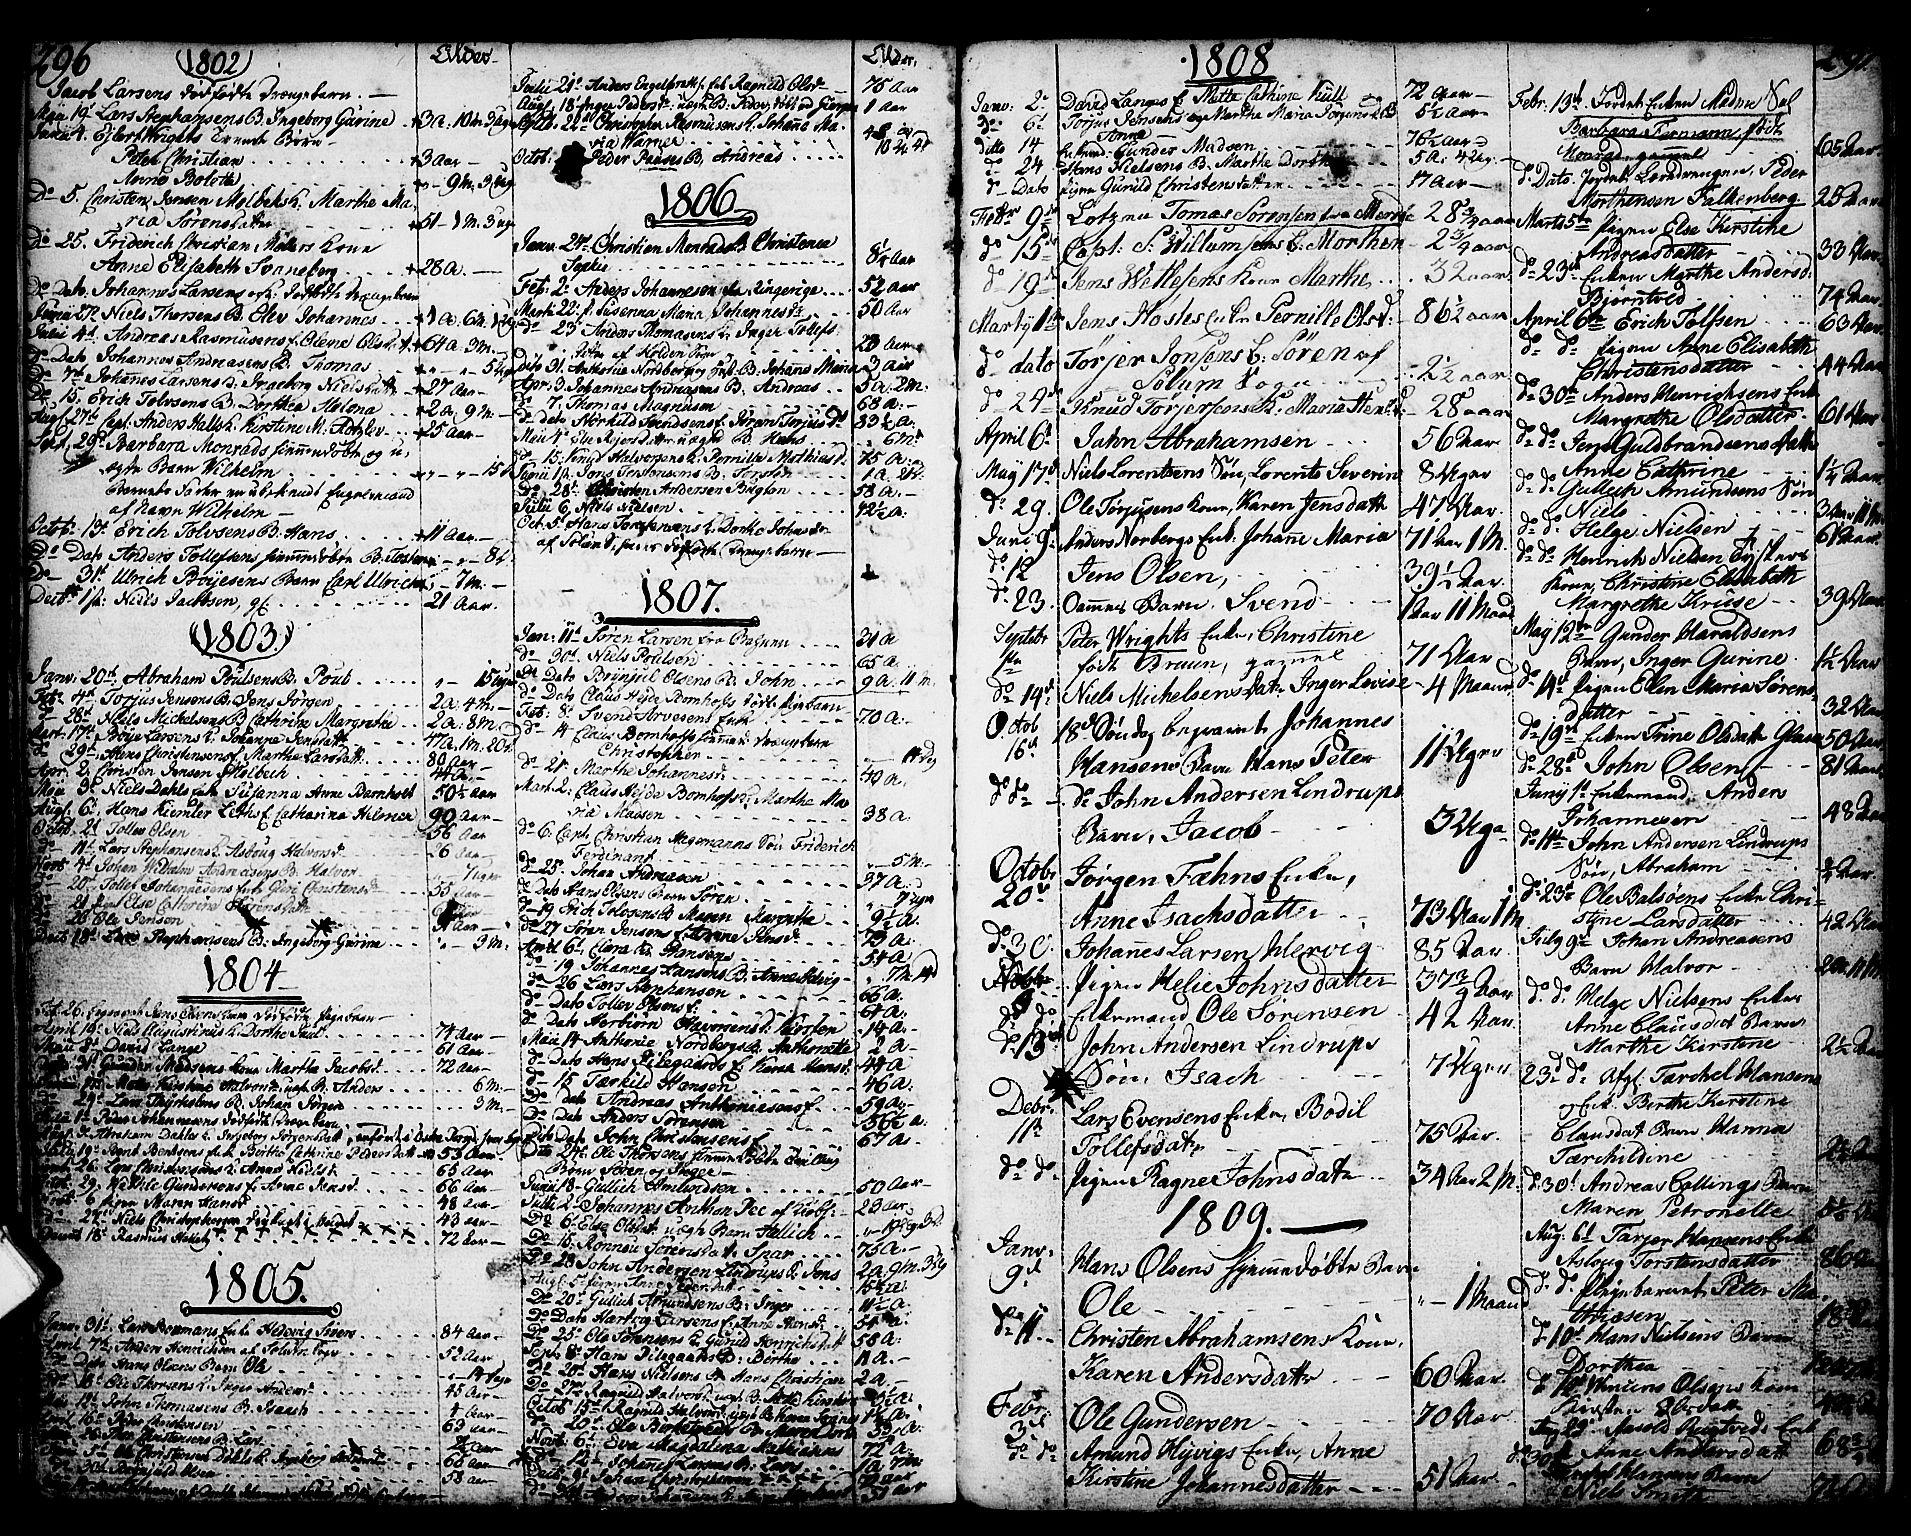 SAKO, Porsgrunn kirkebøker , F/Fa/L0001: Ministerialbok nr. 1, 1764-1814, s. 296-297